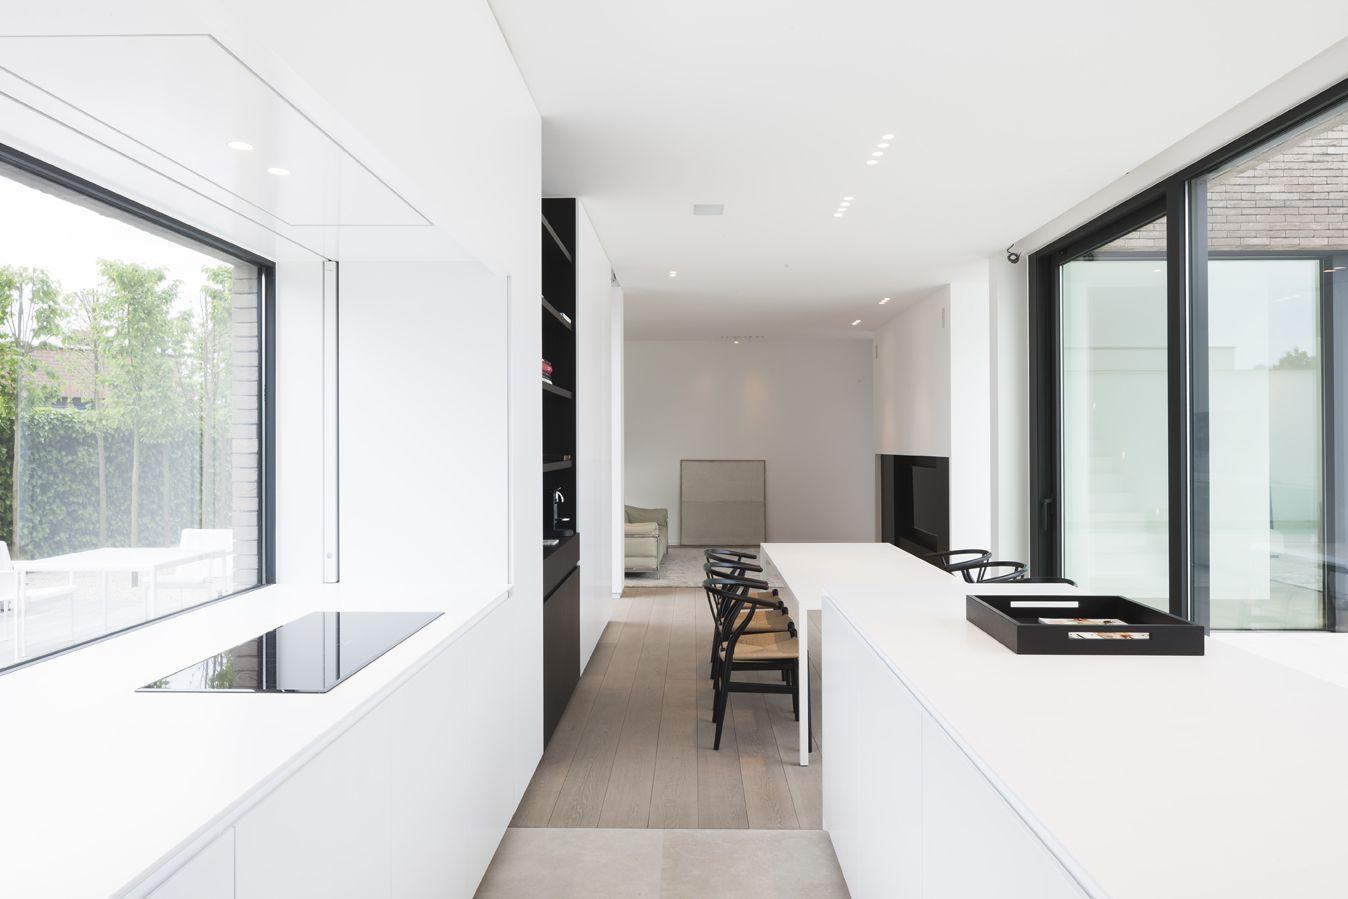 Kijkwoning minimalistic kitchen by ar architectuur en